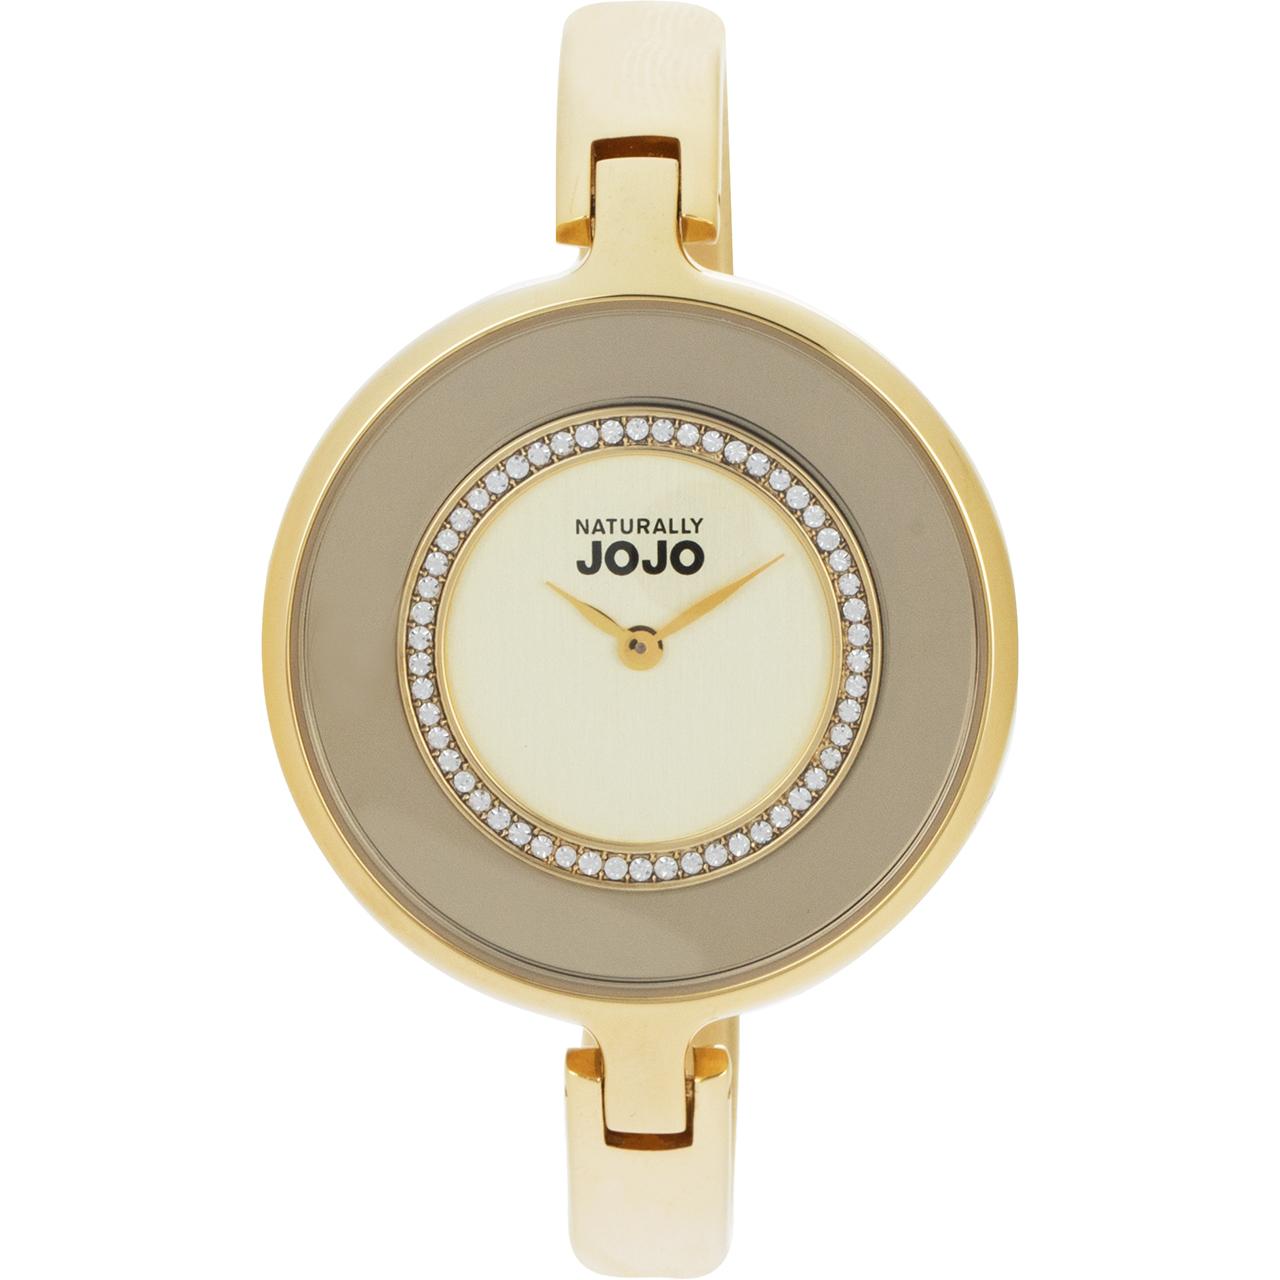 ساعت مچی عقربه ای زنانه نچرالی ژوژو مدل JO96678.GD 37